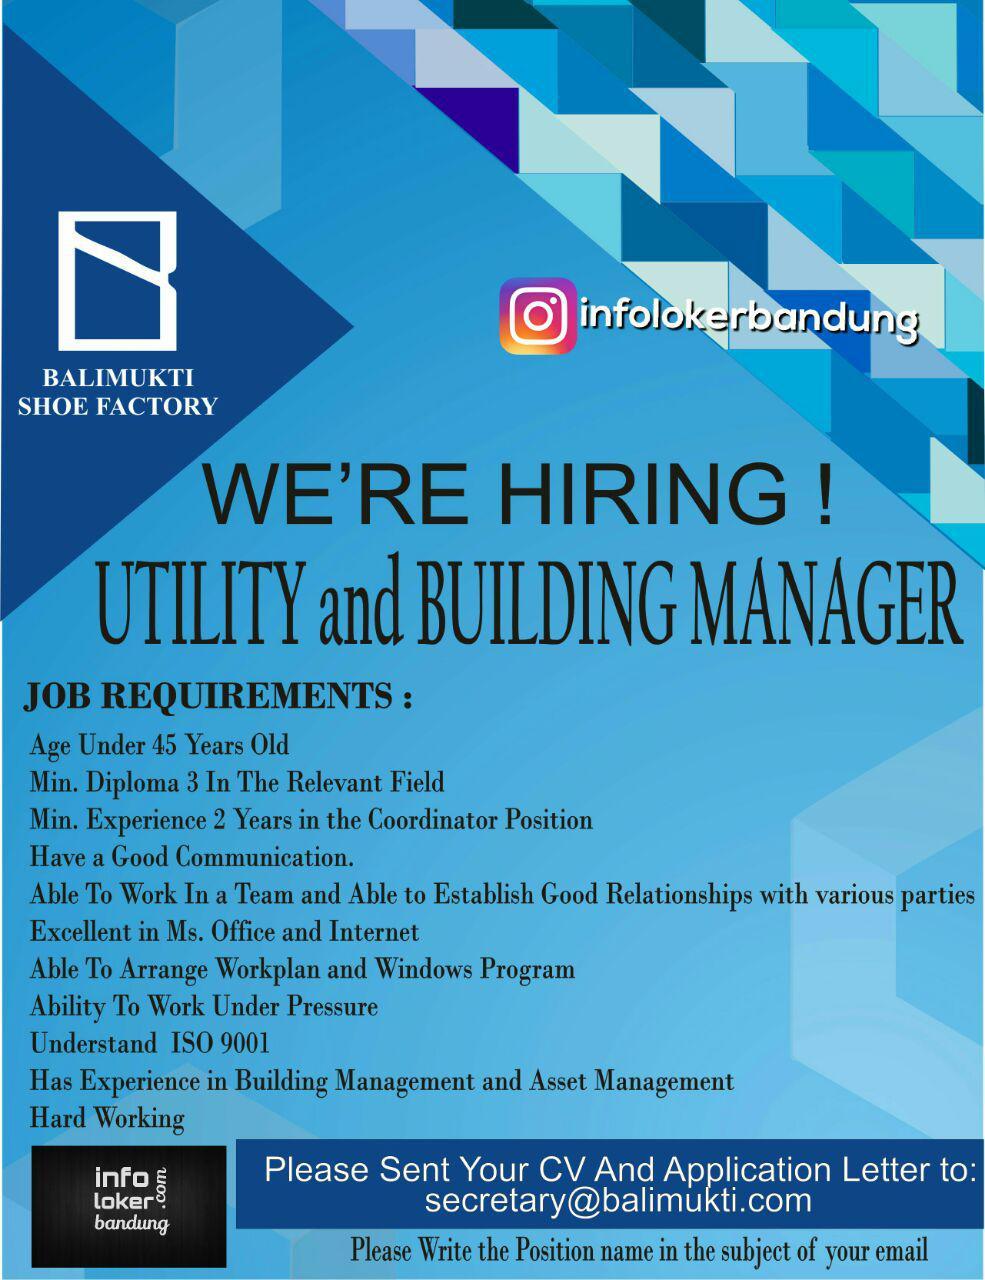 Lowongan Kerja Utility & Building Manager Bali Mukti Shoe Factory Bandung September 2017